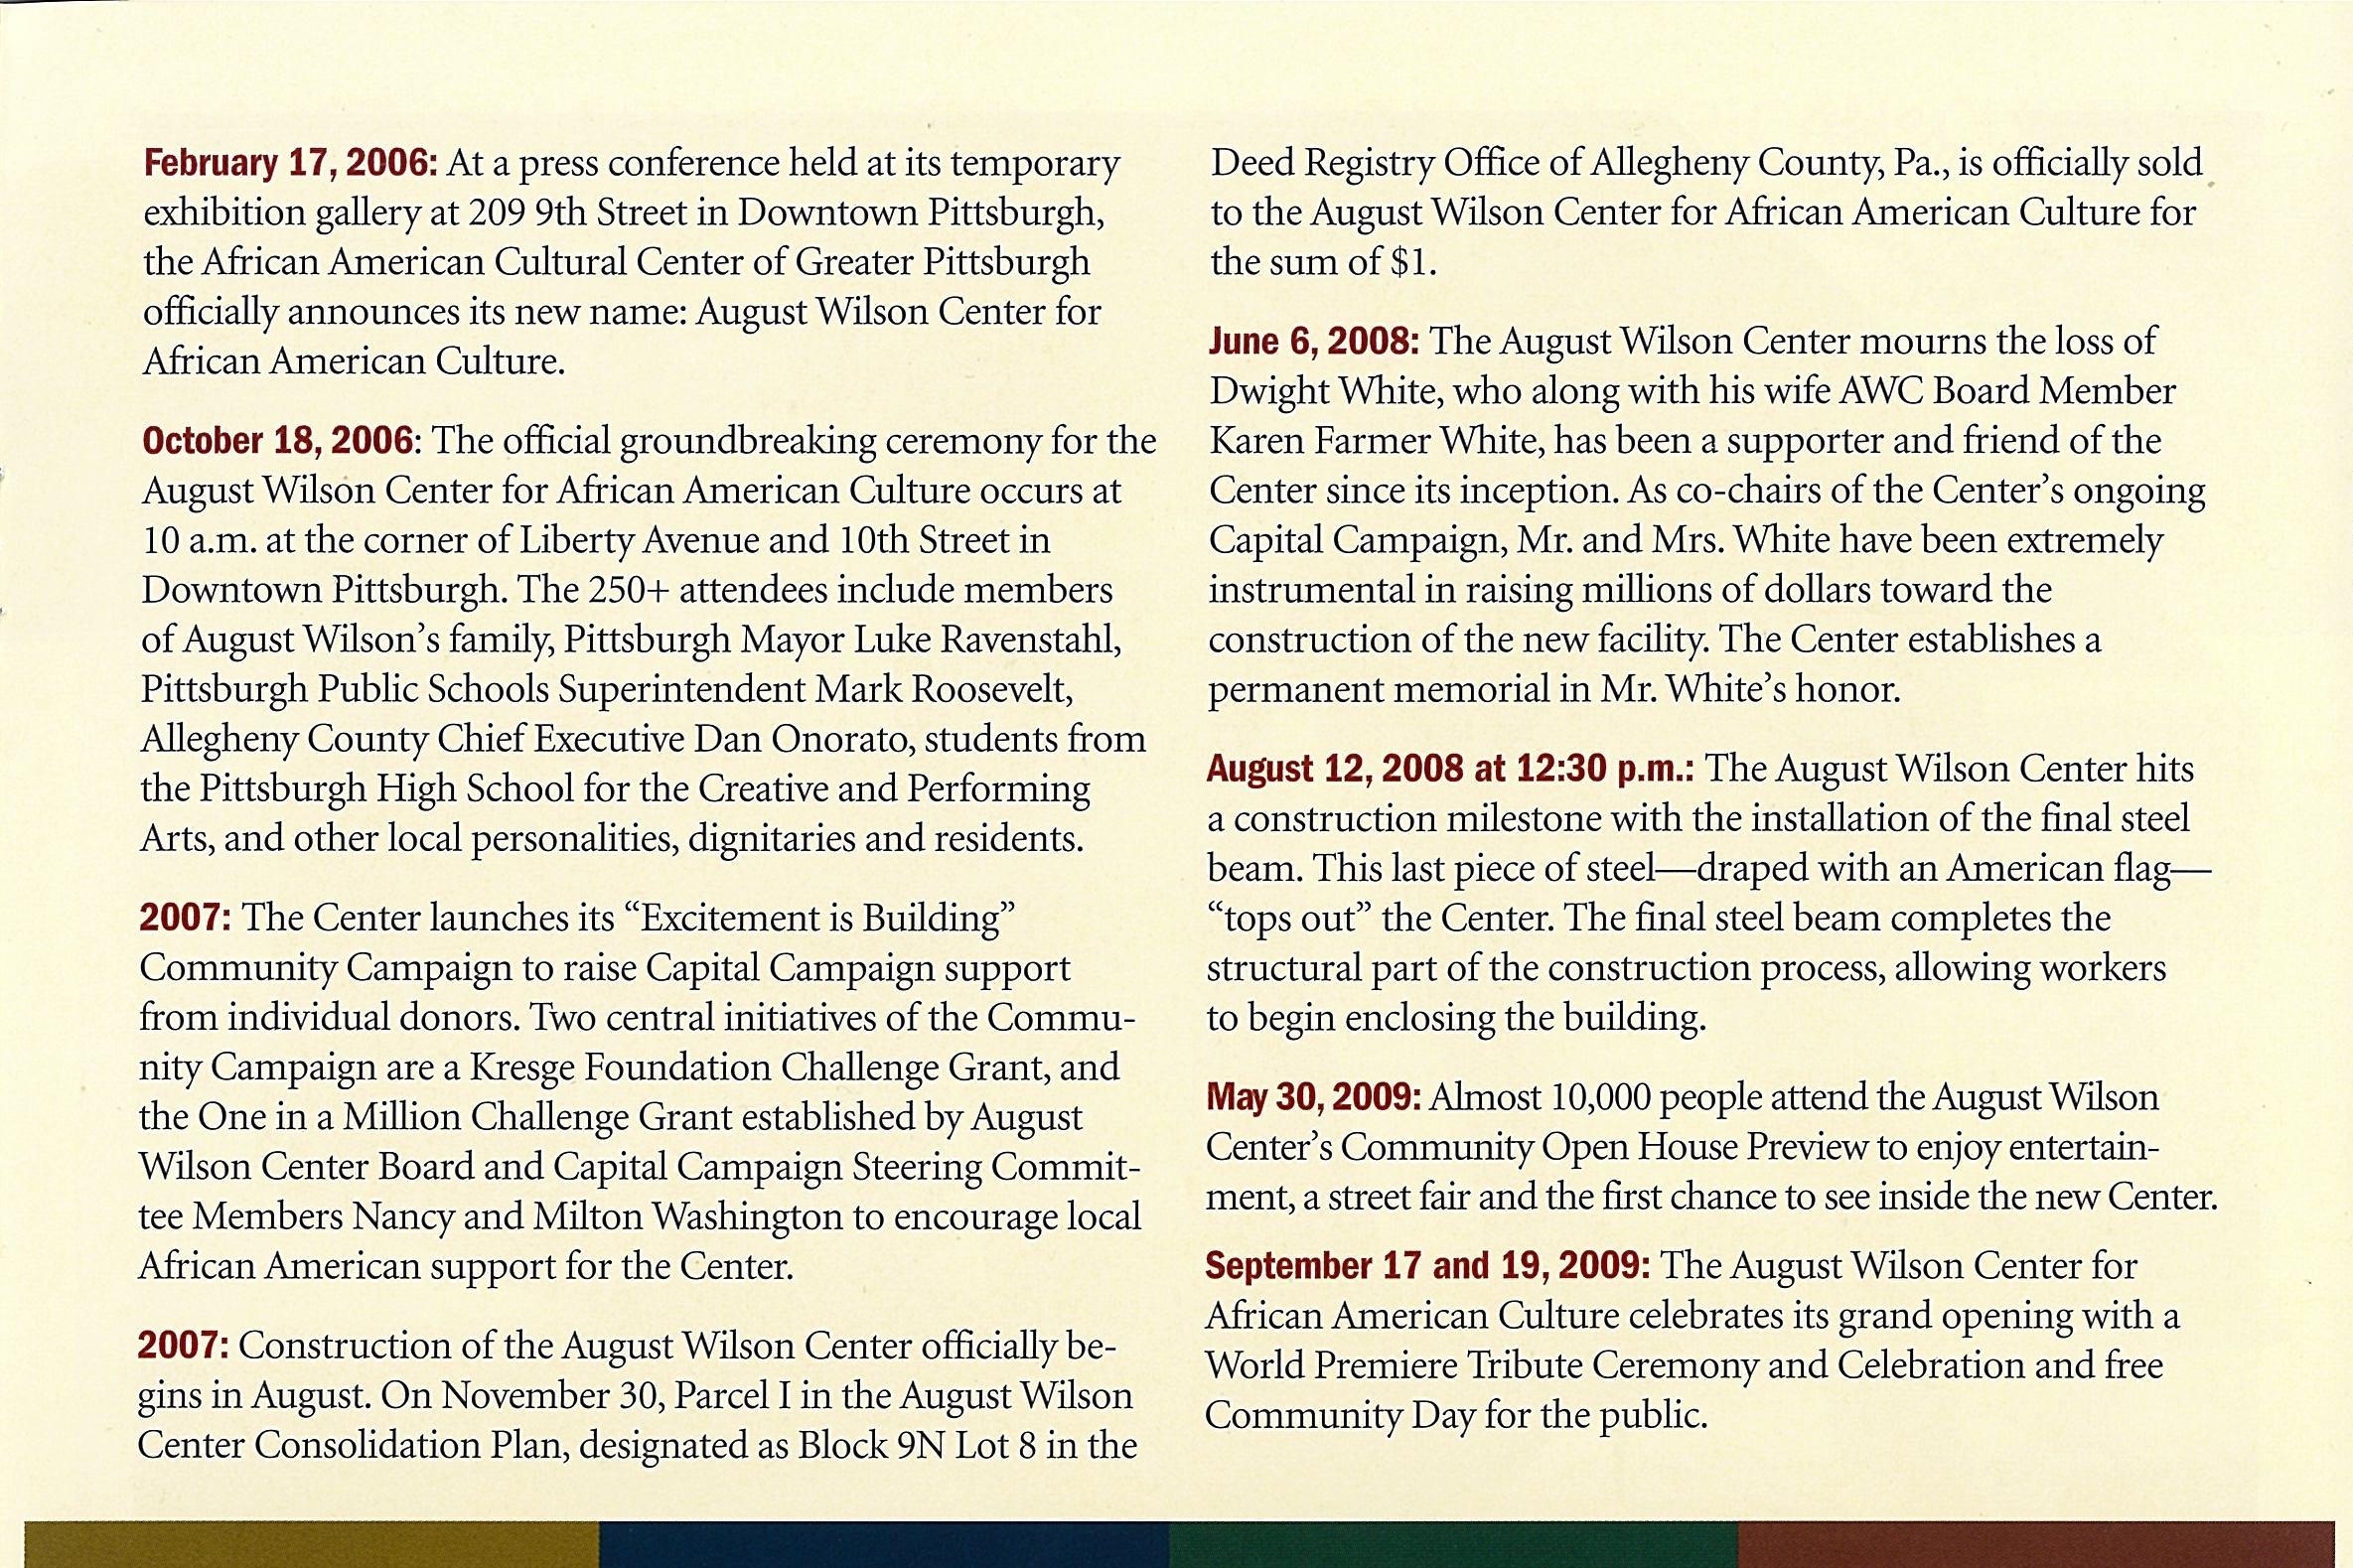 August+Wilson+Magazine+Scans_Page_4.jpg